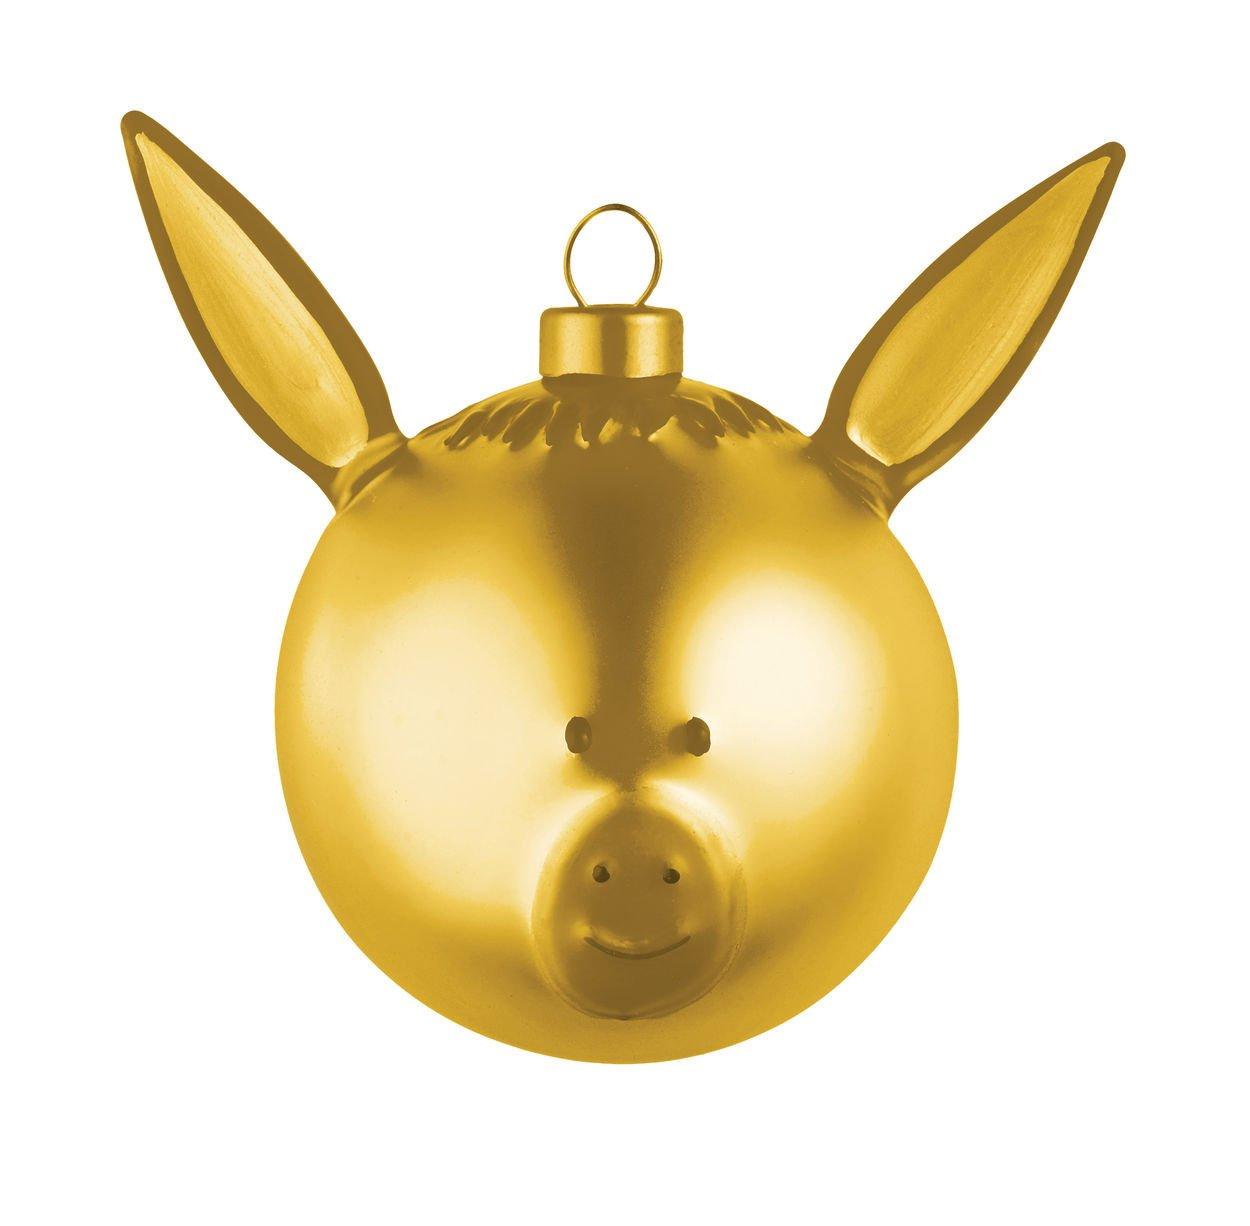 Alessi AMJ13 5 GD Asinello Weihnachtsbaumkugel 4 Stück aus Glas in Gold